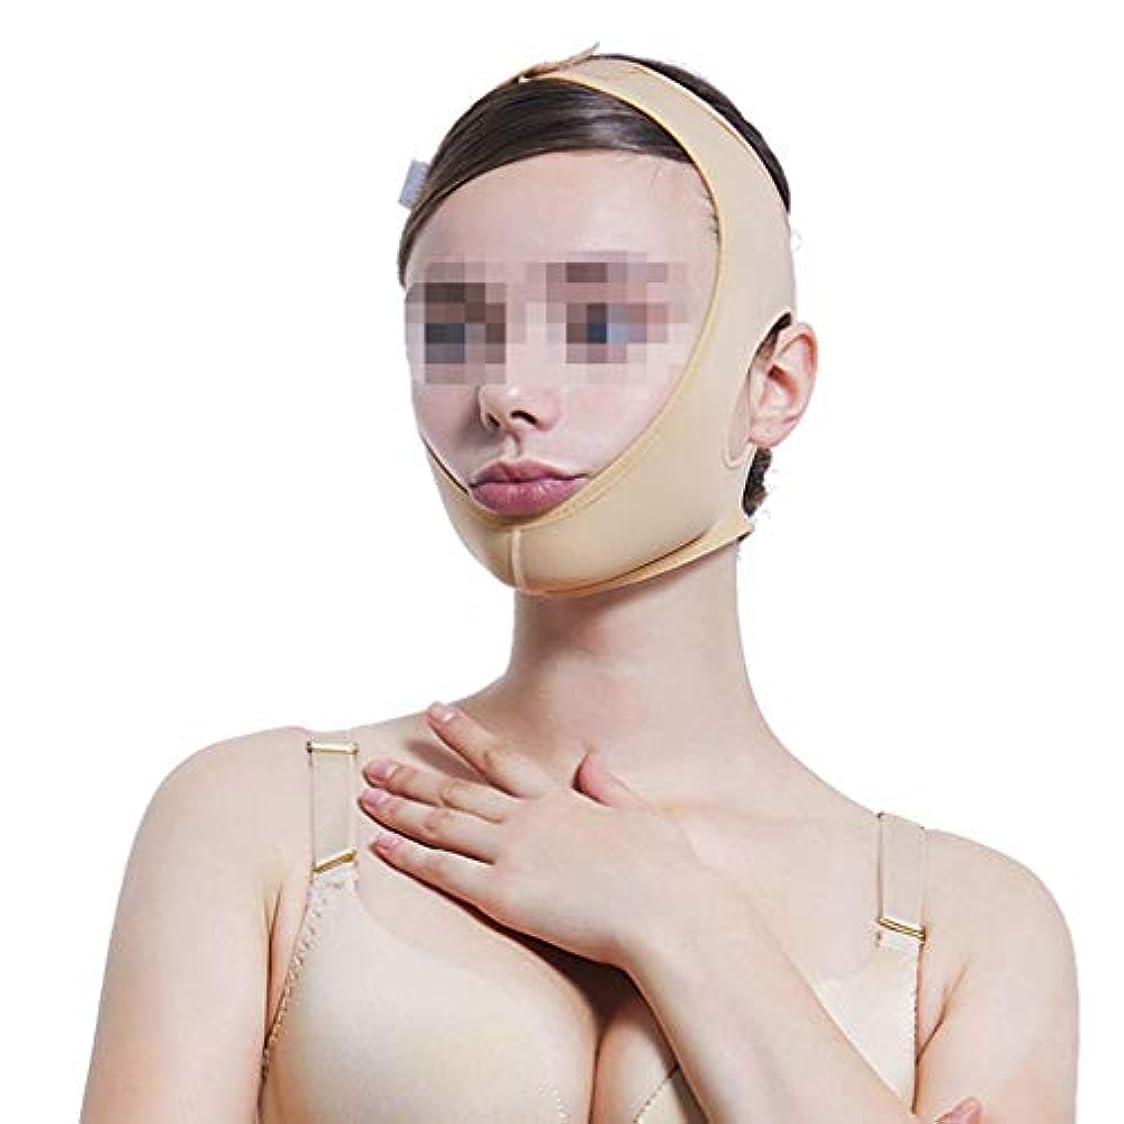 ビームフェイス弾性ヘッドギア、ダブルあごのあごのセットをマスクの後に線彫り薄いフェイス包帯マルチサイズオプション(サイズ:XS),S